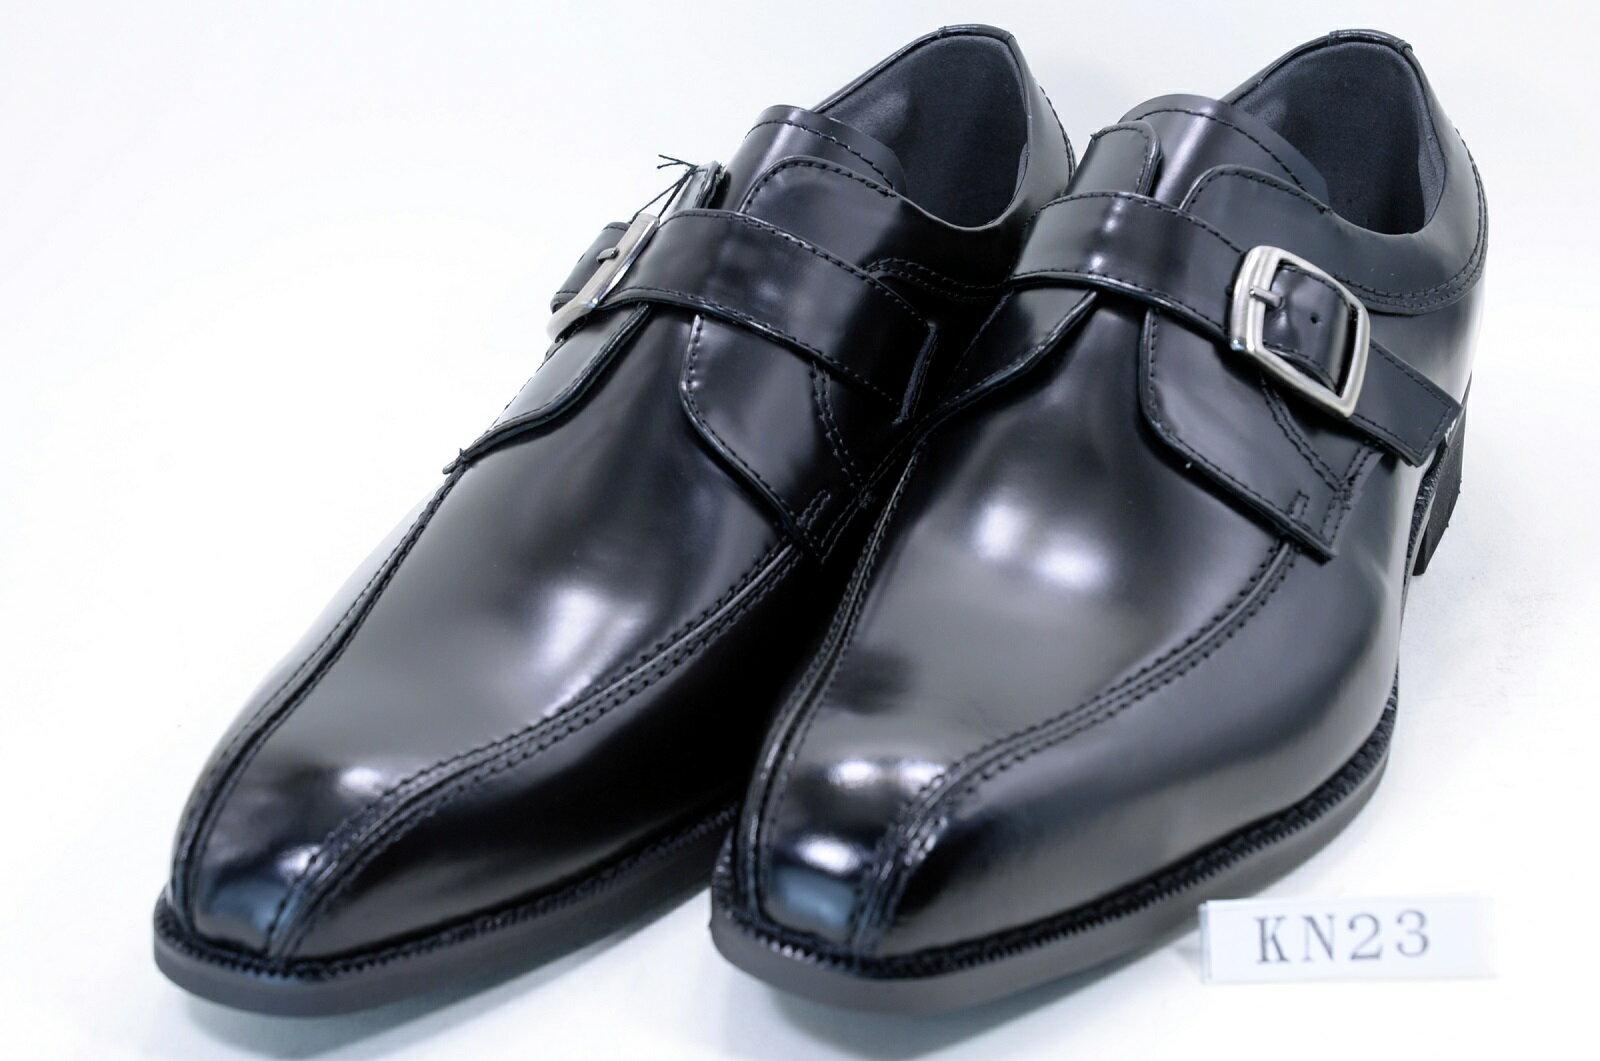 ケンフォード(リーガル社製) KN23 AB スワールモンク 黒 (4E)最軽量